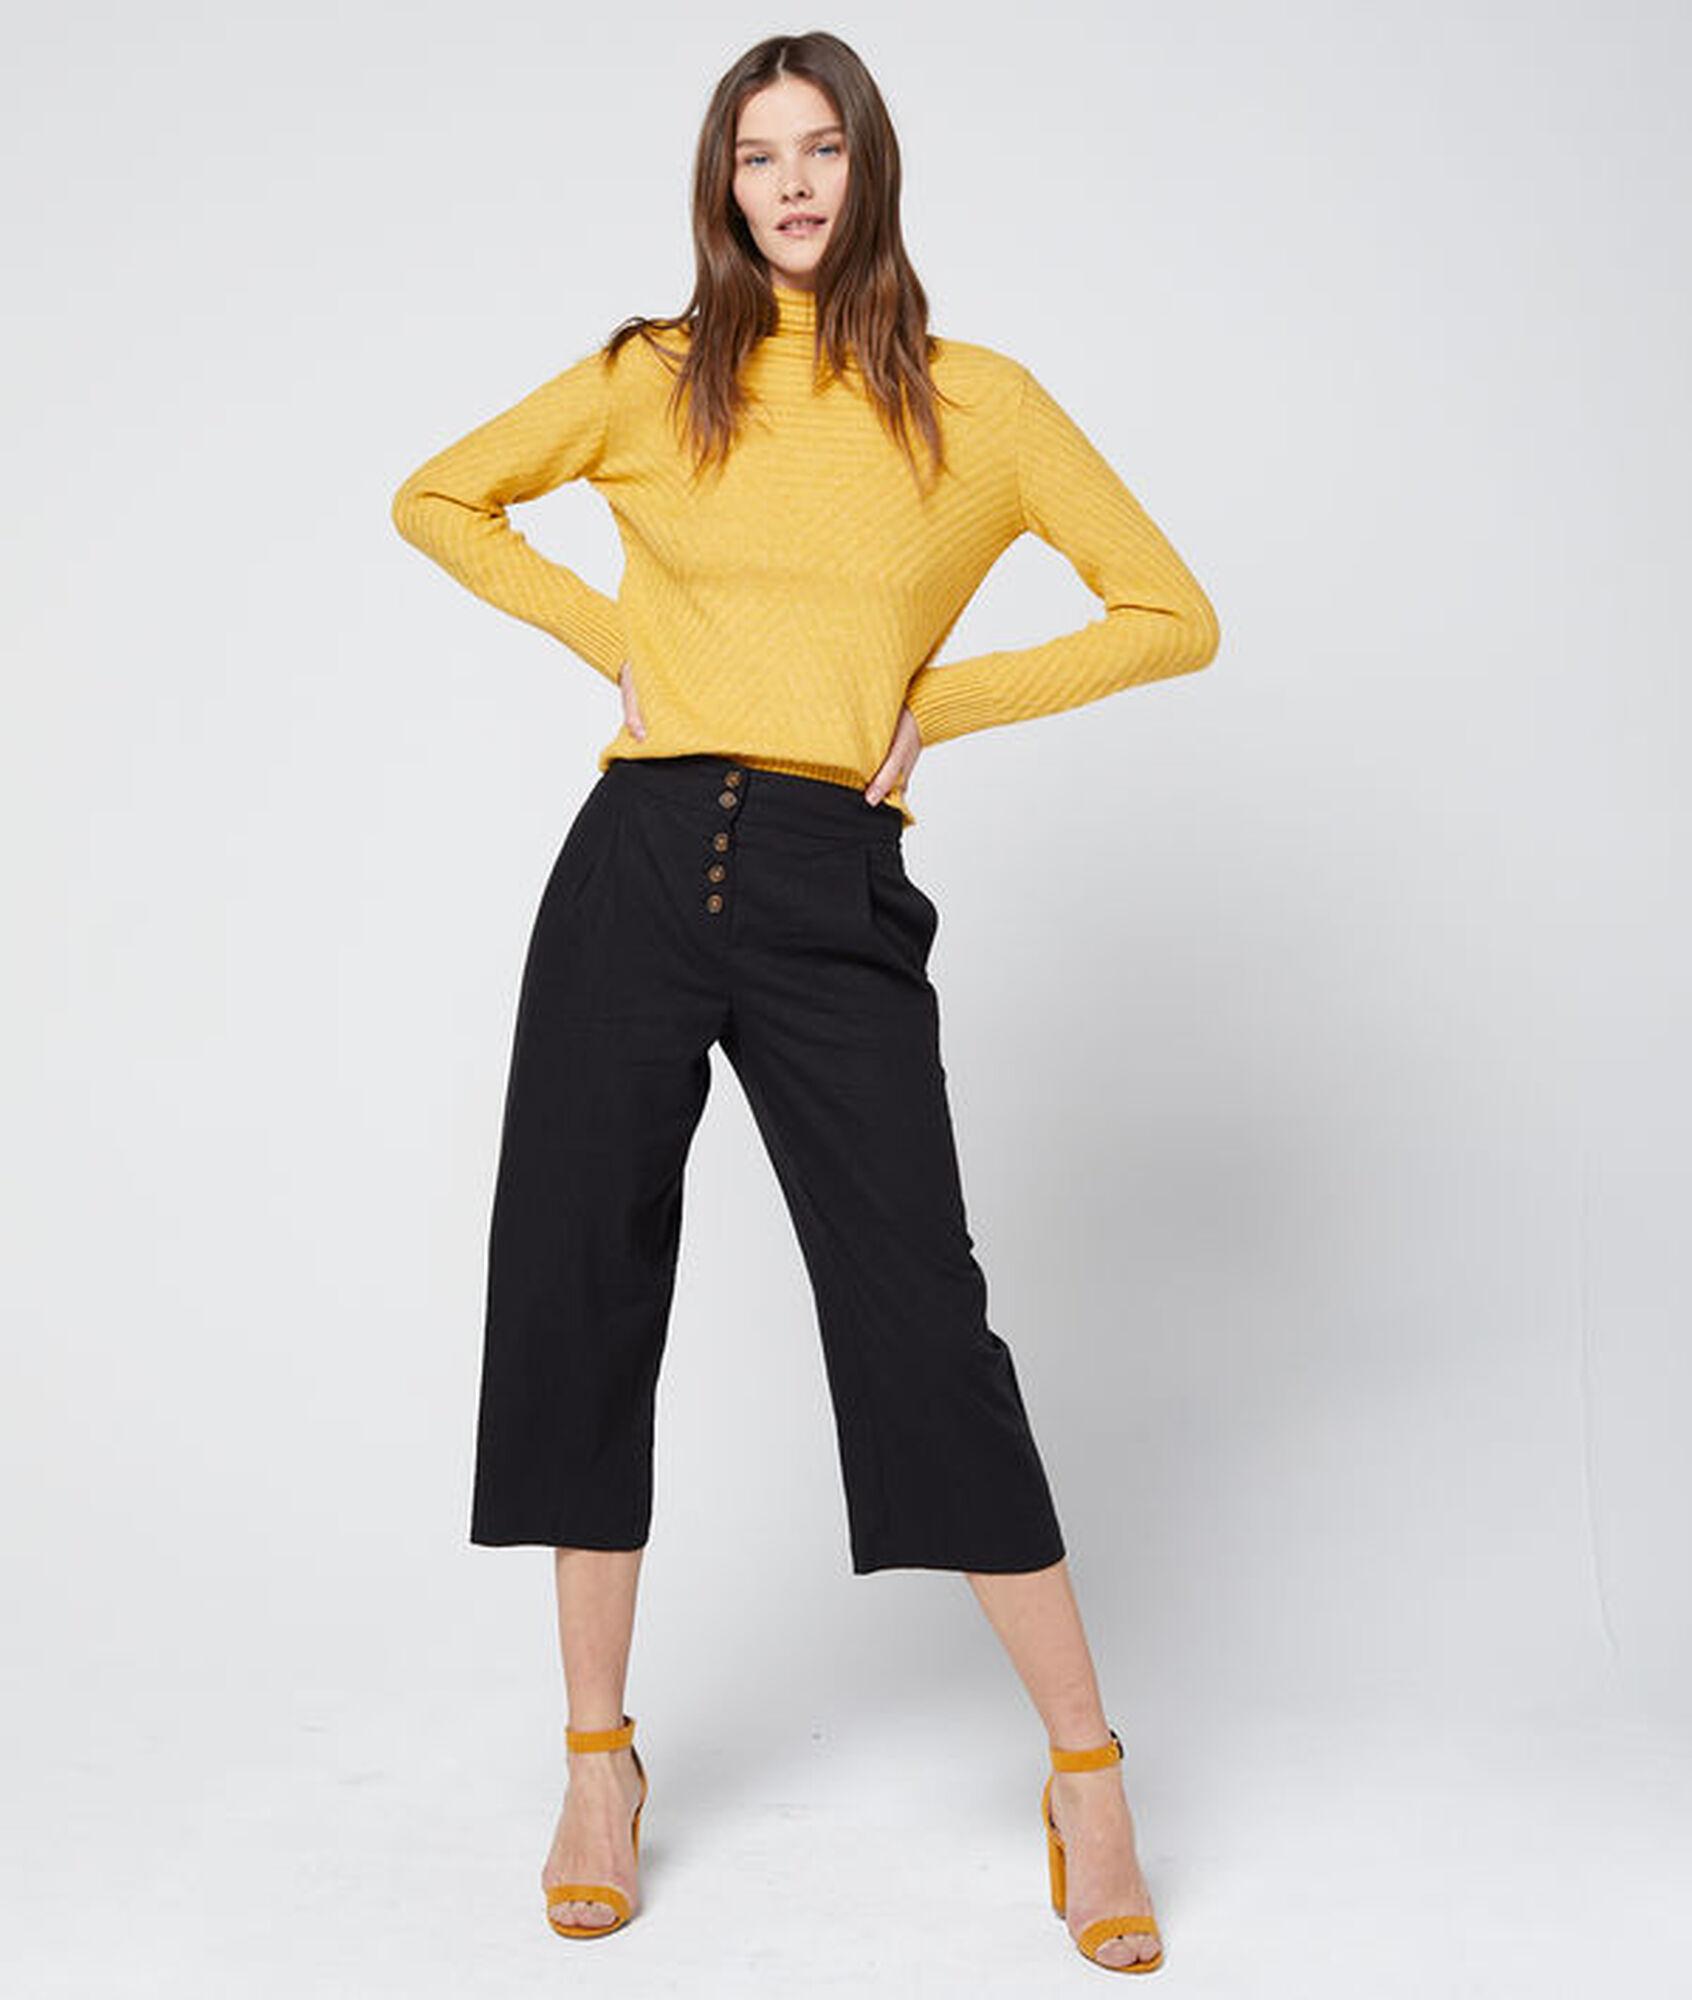 f0f636e309 Pantalón midi con botones - JANE - NEGRO - Etam